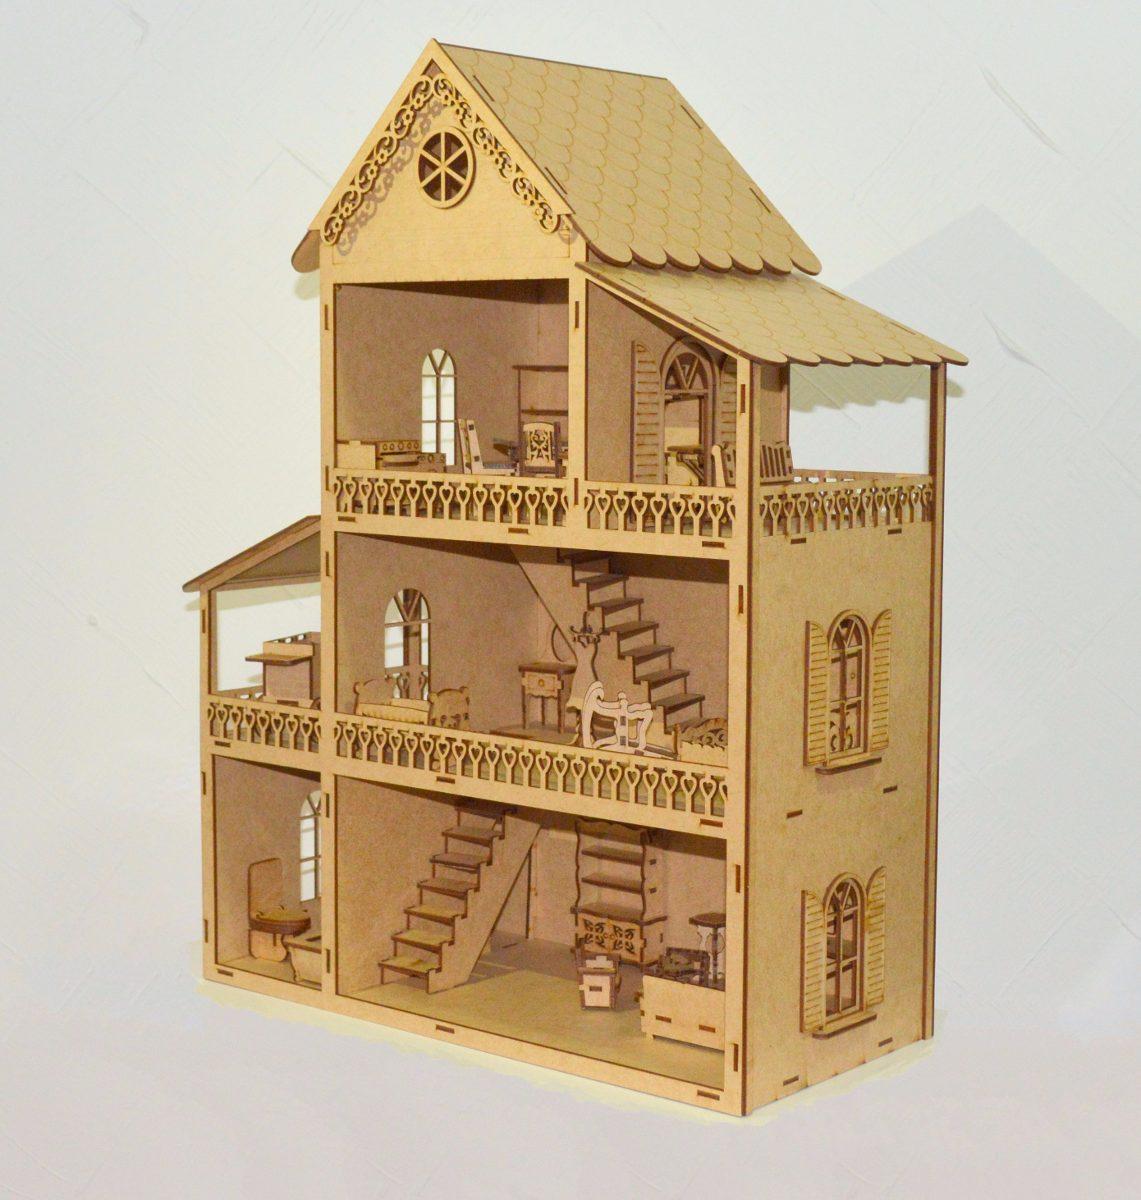 Casa de bonecas polly mdf mini moveis para pintar r 129 00 em mercado livre - Minibar da casa ...